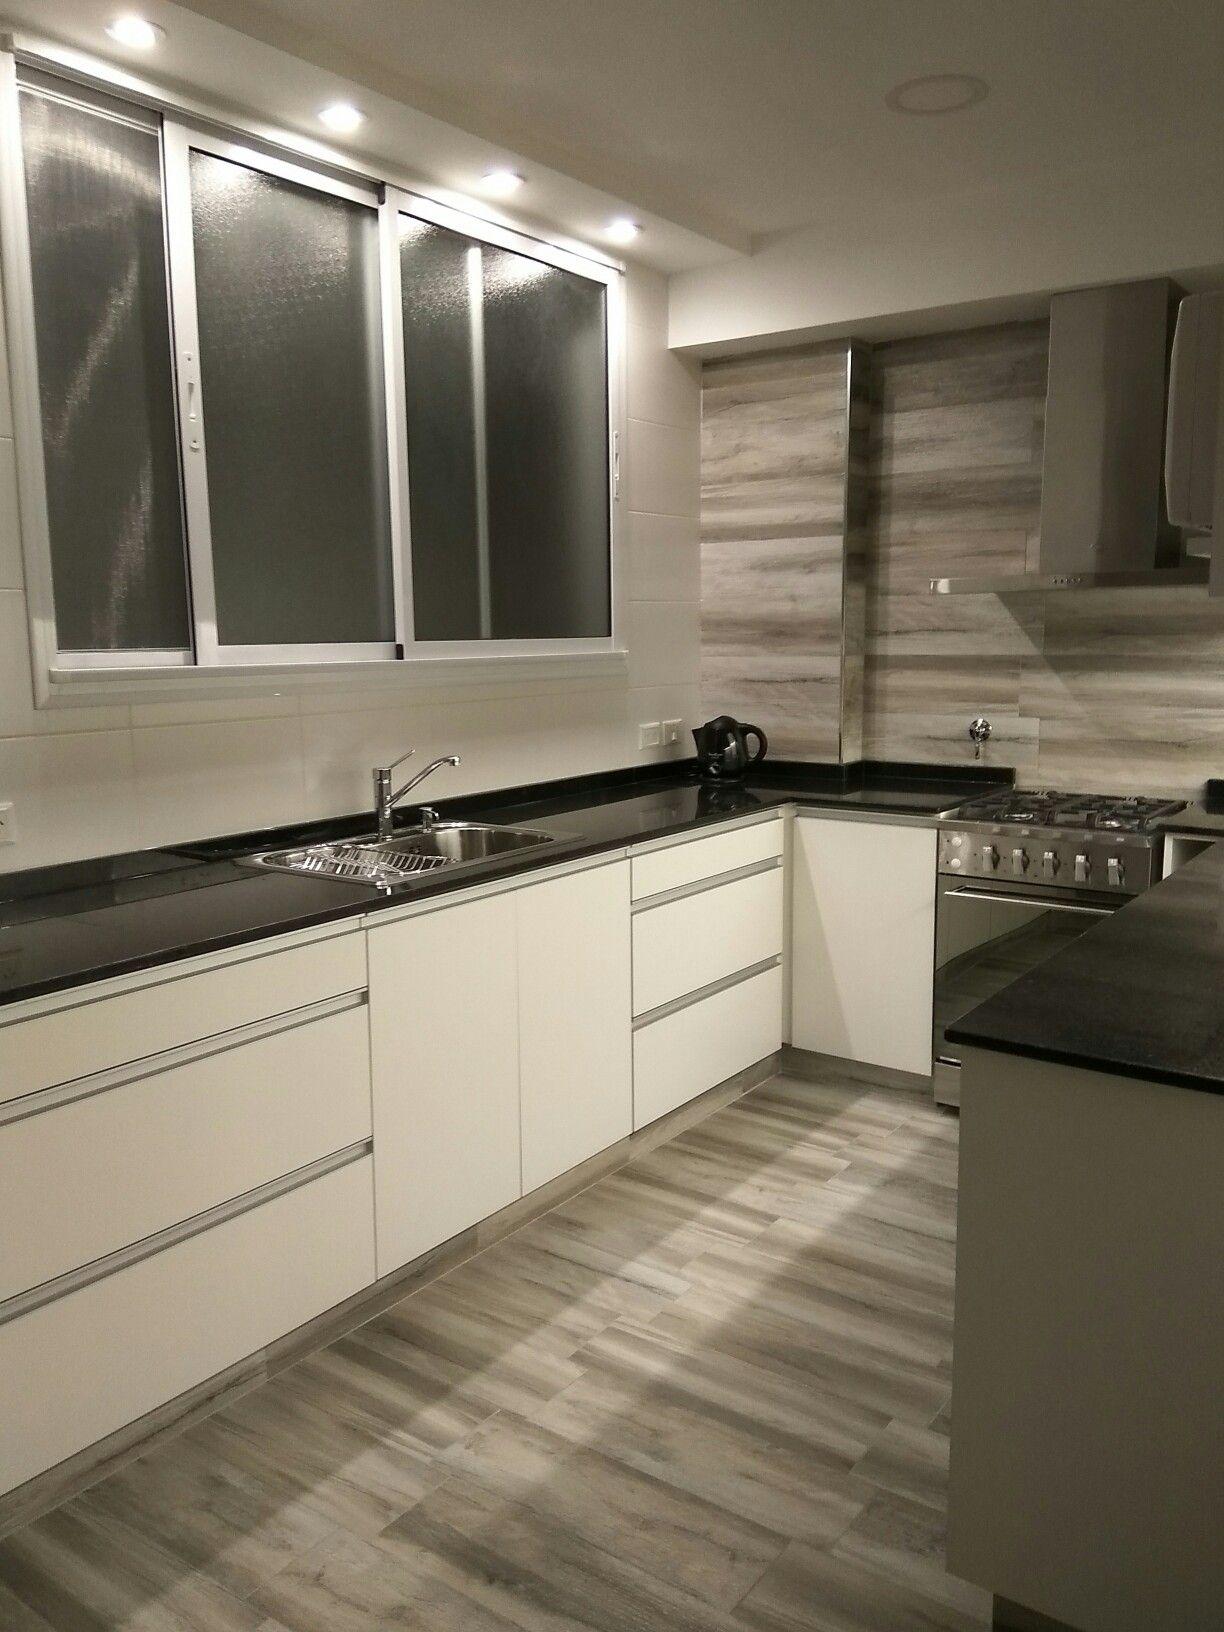 2017. Cocina moderna con mesada negro Brasil, muebles de melamina ...